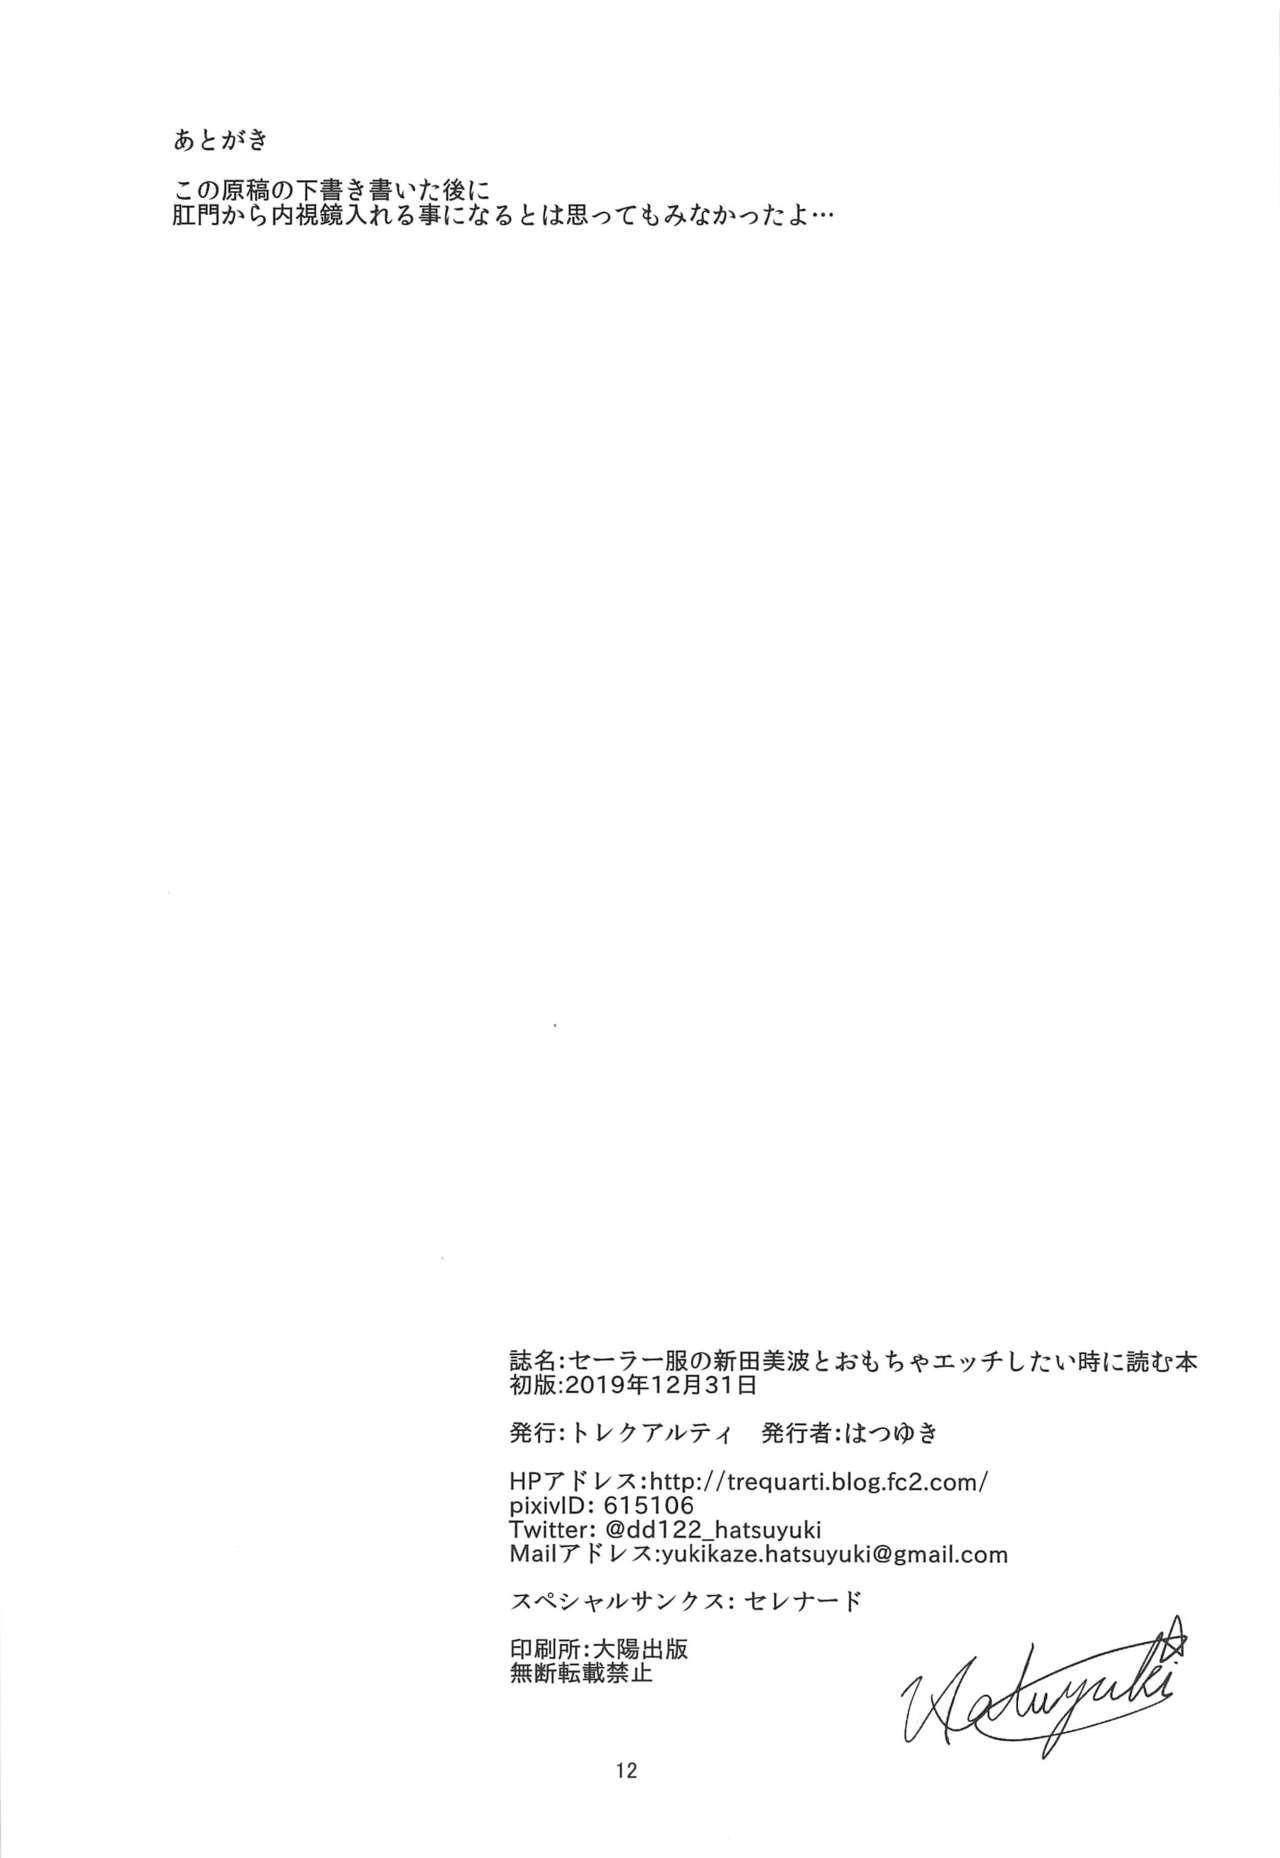 Sailor Fuku no Nitta Minami to Omocha Ecchi Shitai Toki ni Yomu Hon 10